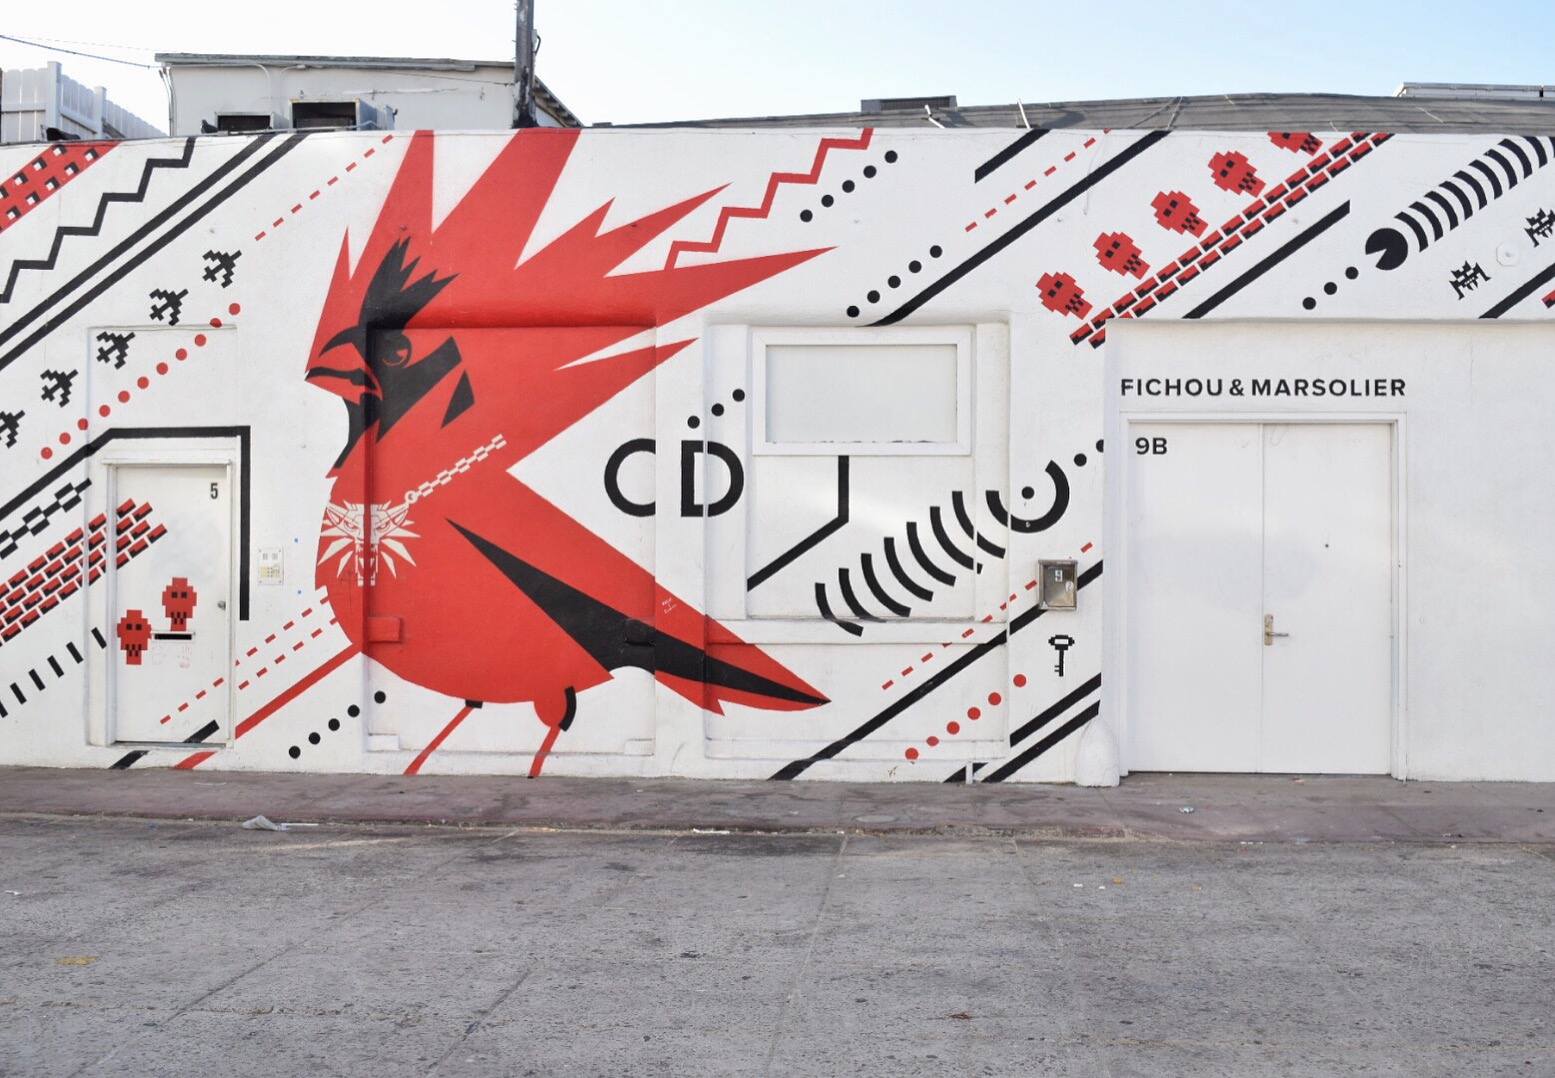 Wall art in Santa Monica